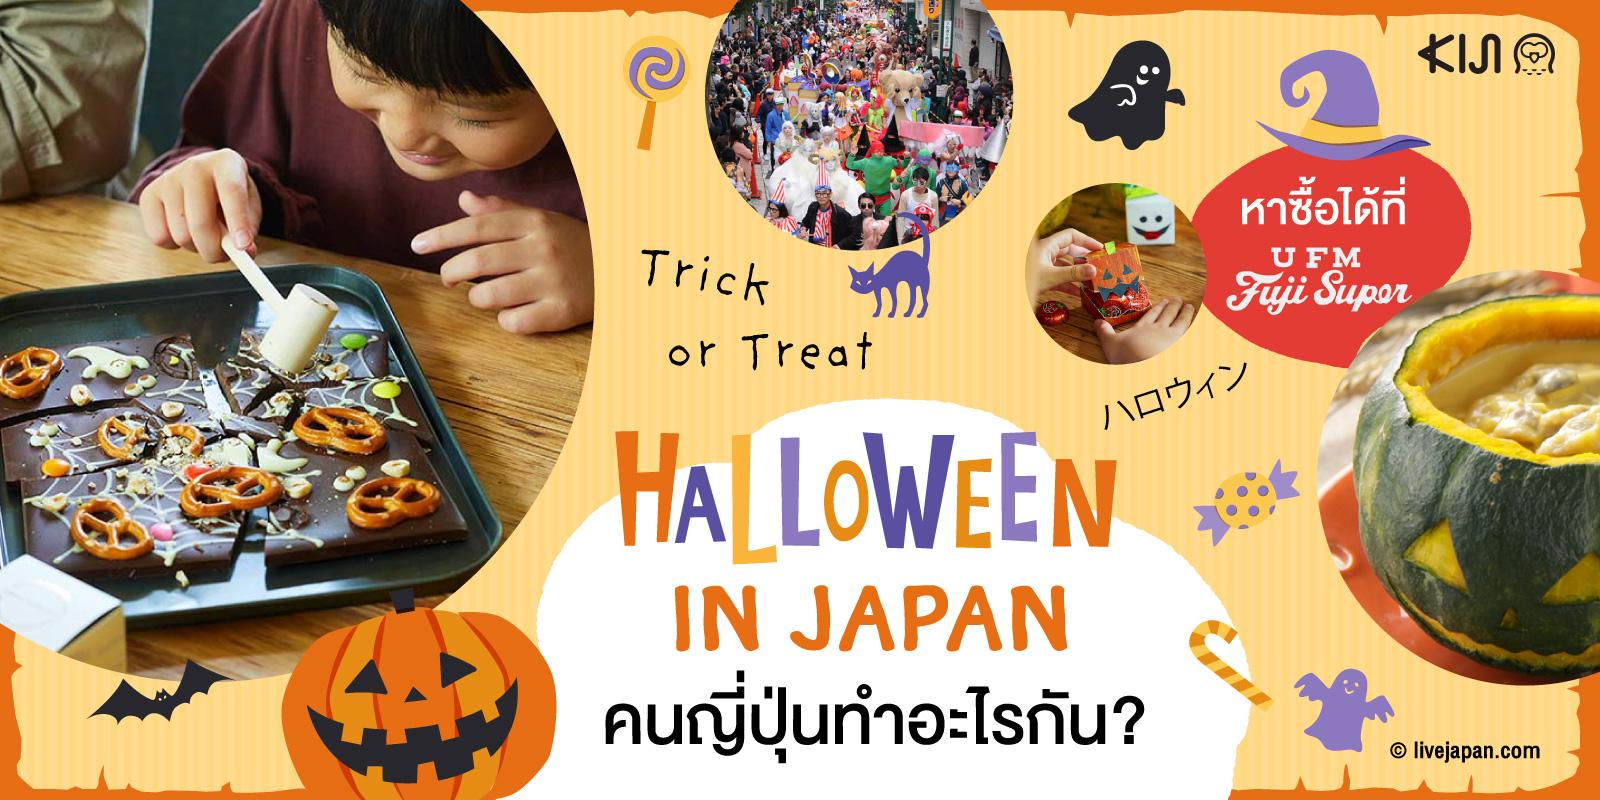 ฮาโลวีนญี่ปุ่น (Halloween in Japan)